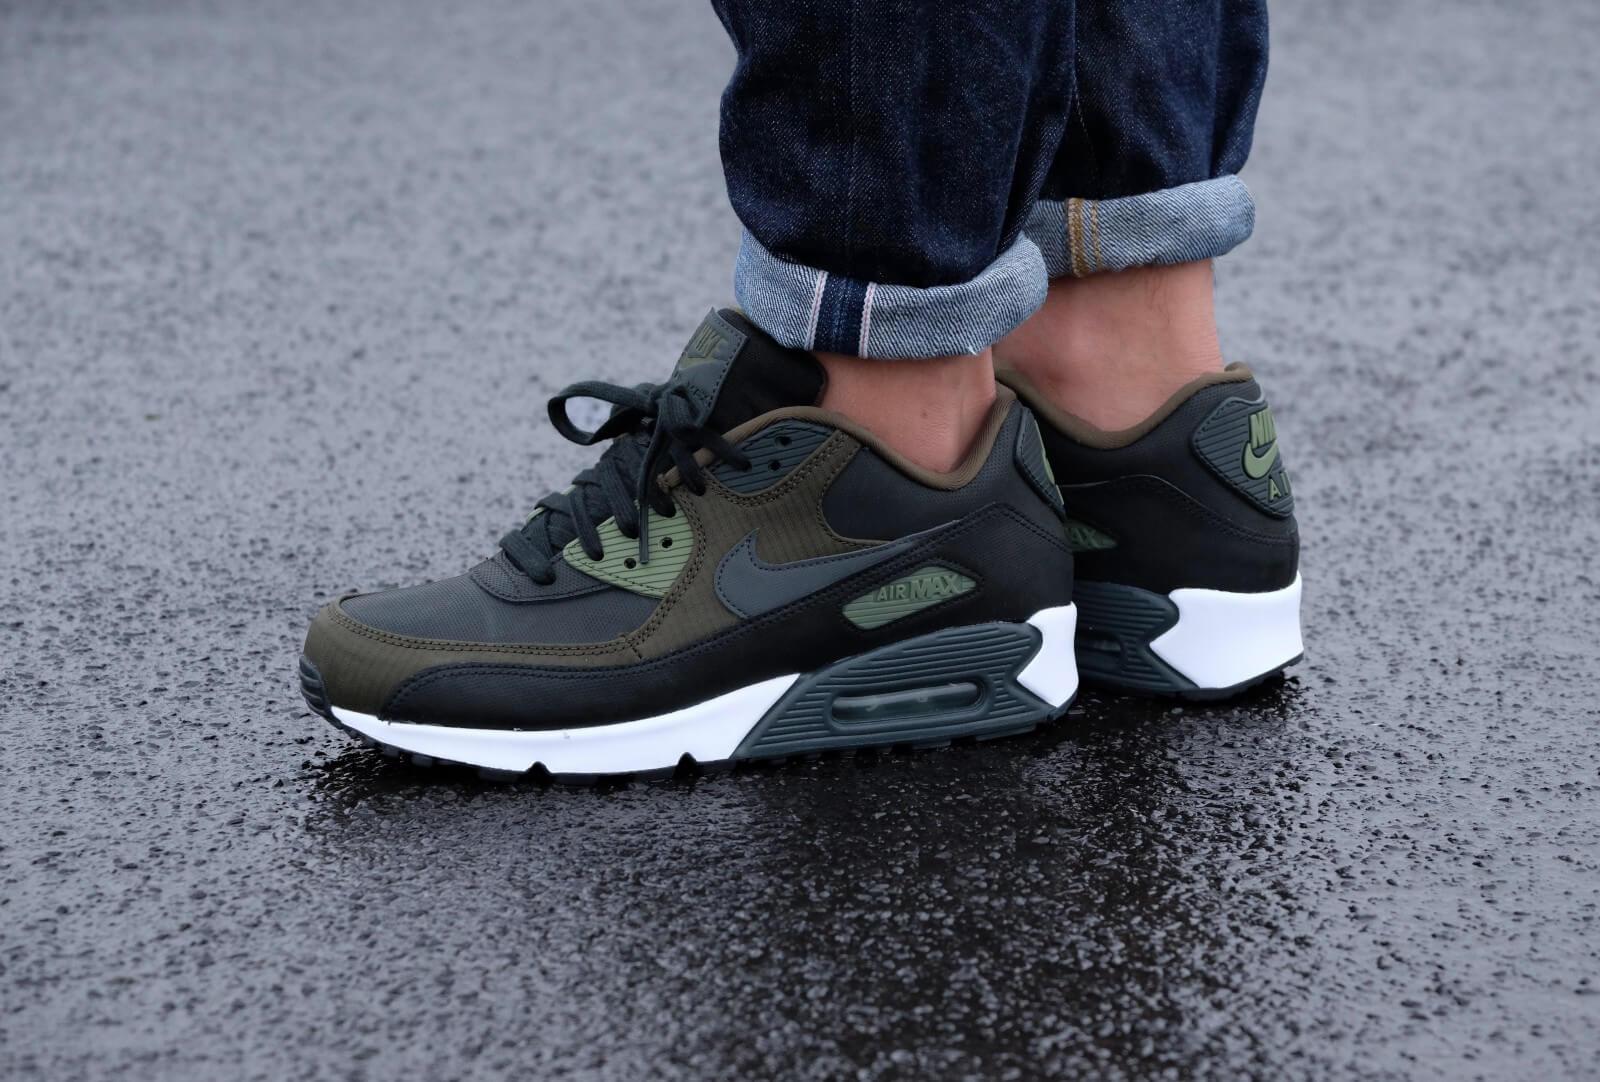 Nike Air Max 90 PRM Blackanthracite legion green palm green 700155 002